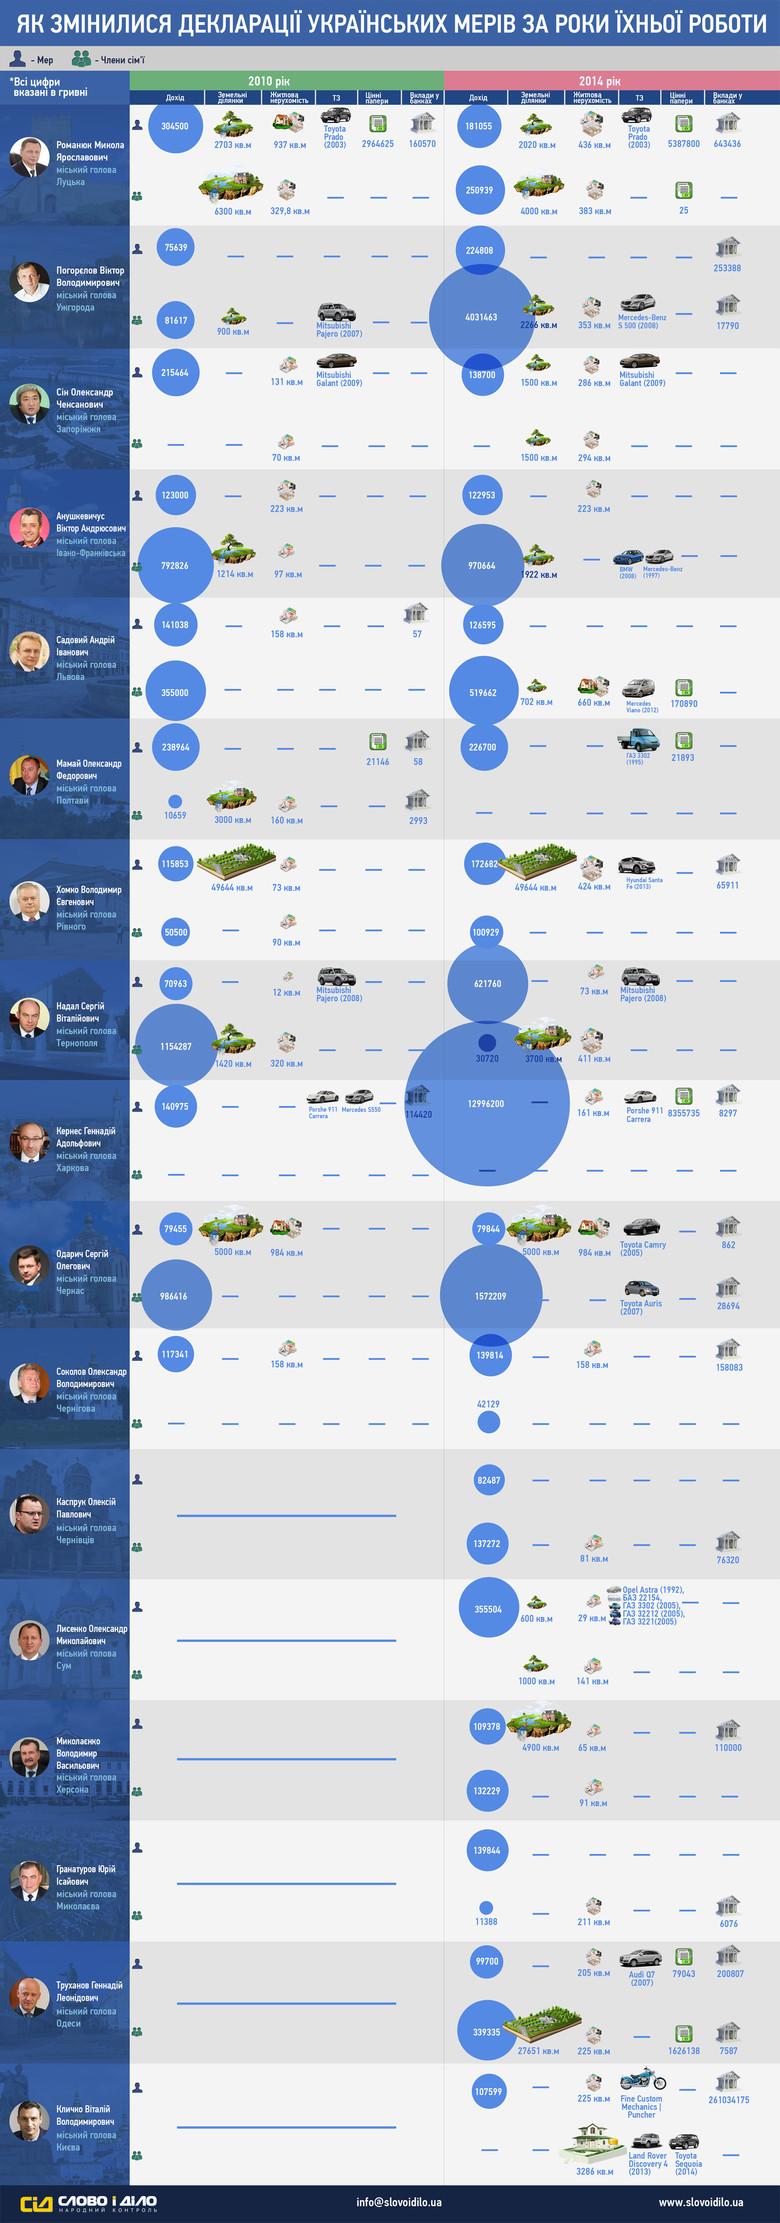 Динамика состояния украинских мэров за 4 года: инфографика